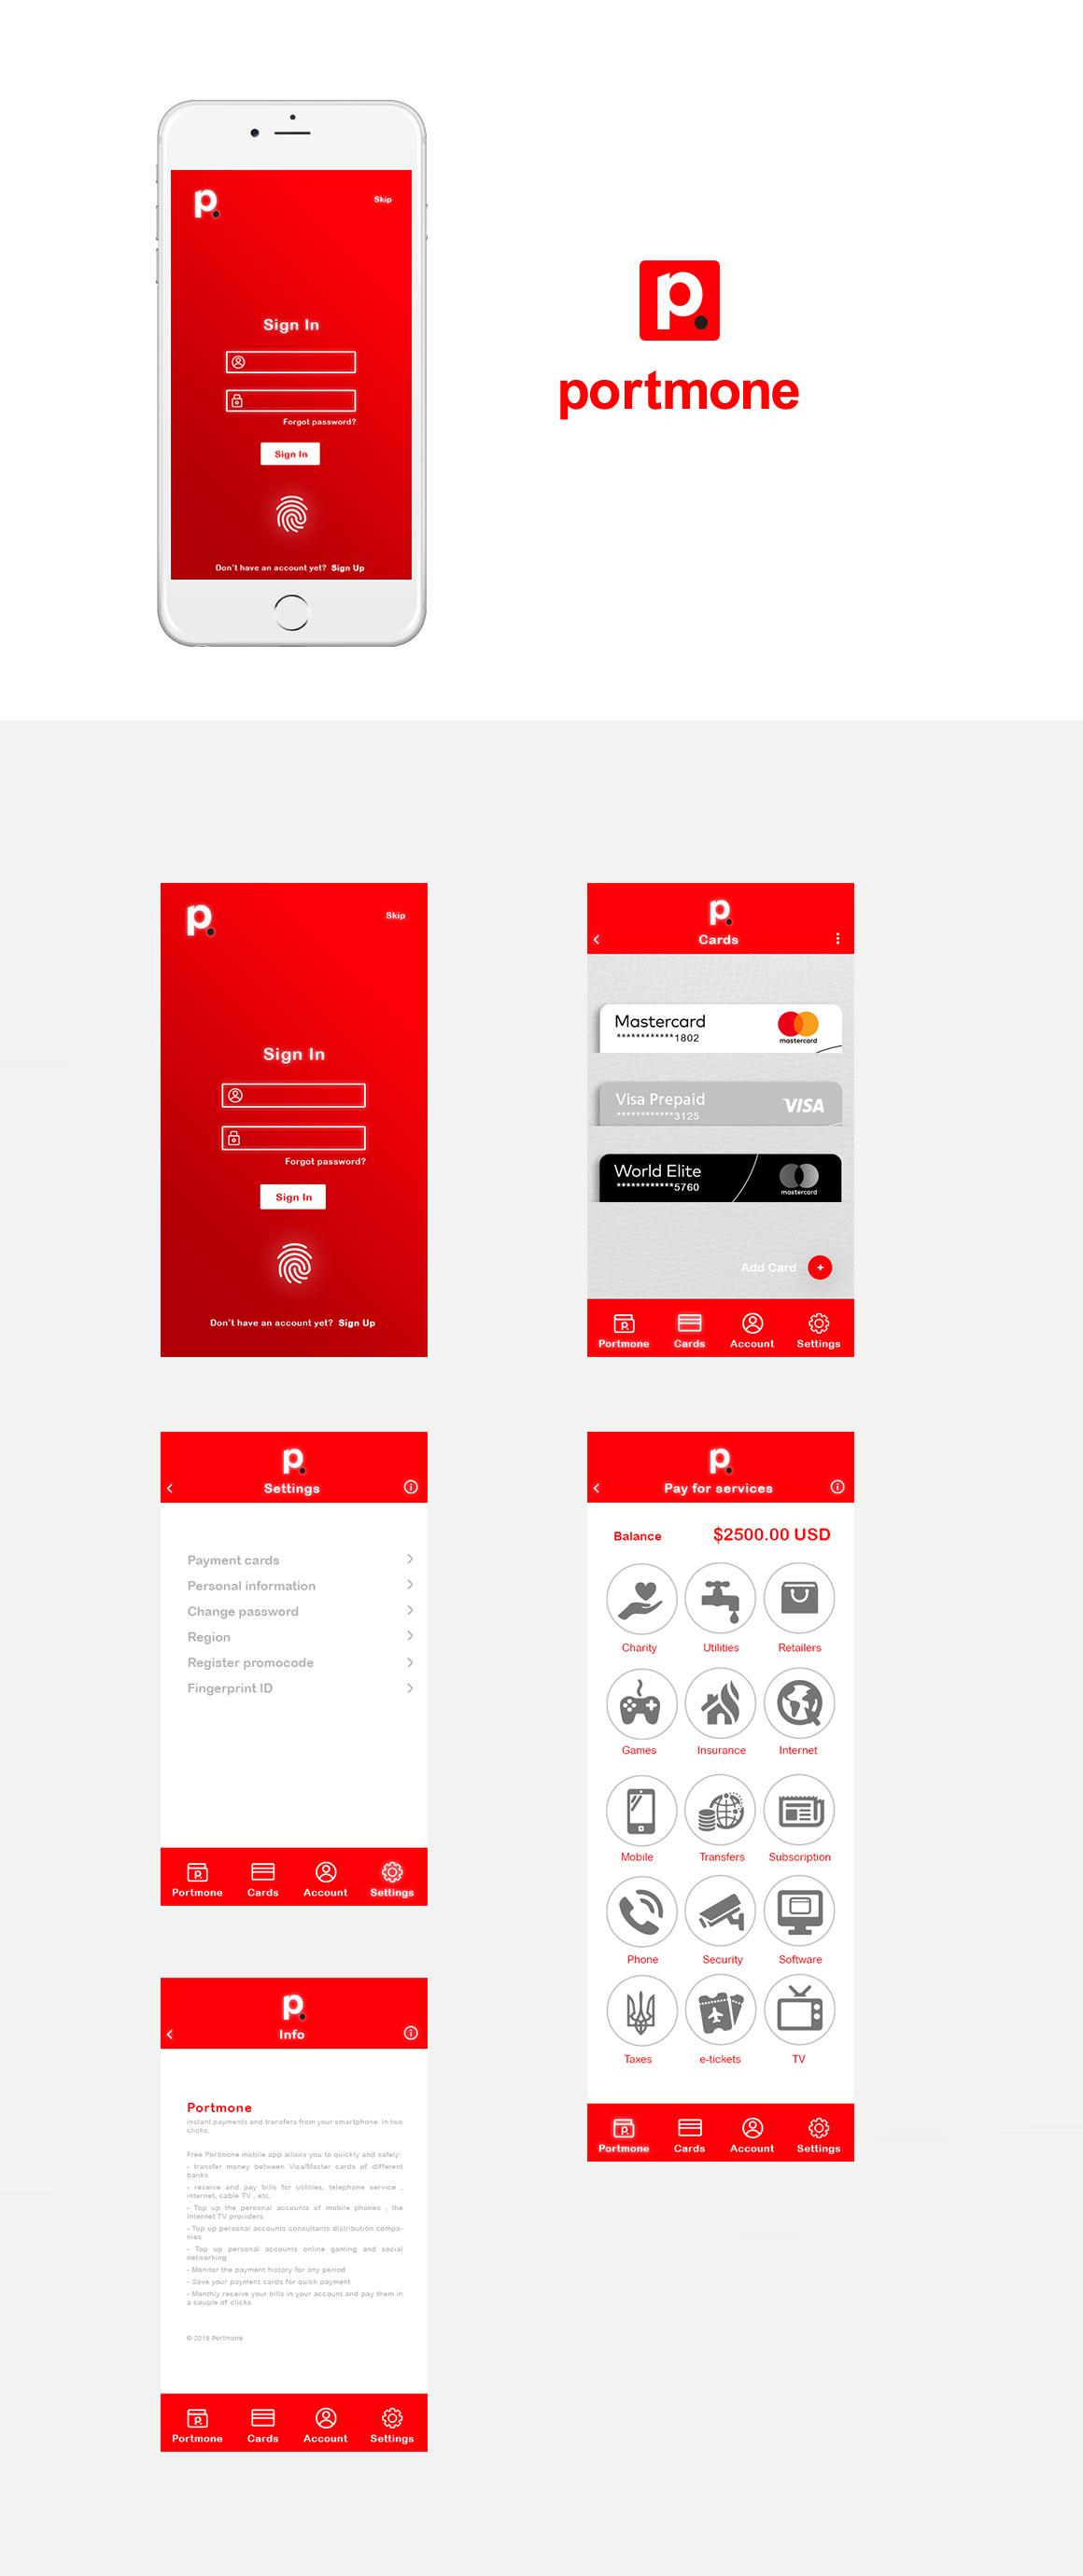 portmone app design UI ux mobile